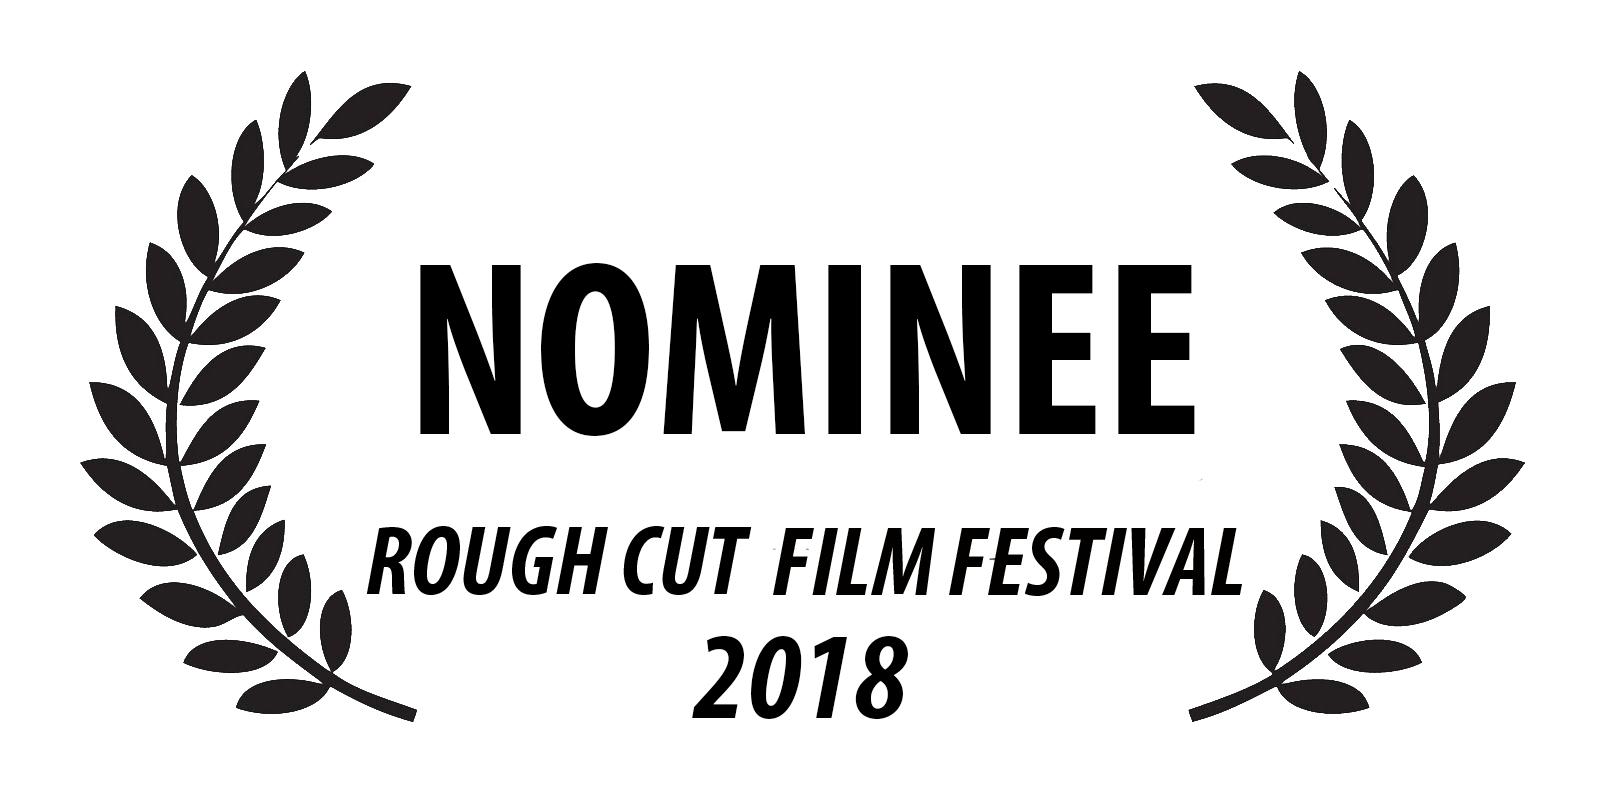 RCFF18-Nominee-Laurels.png